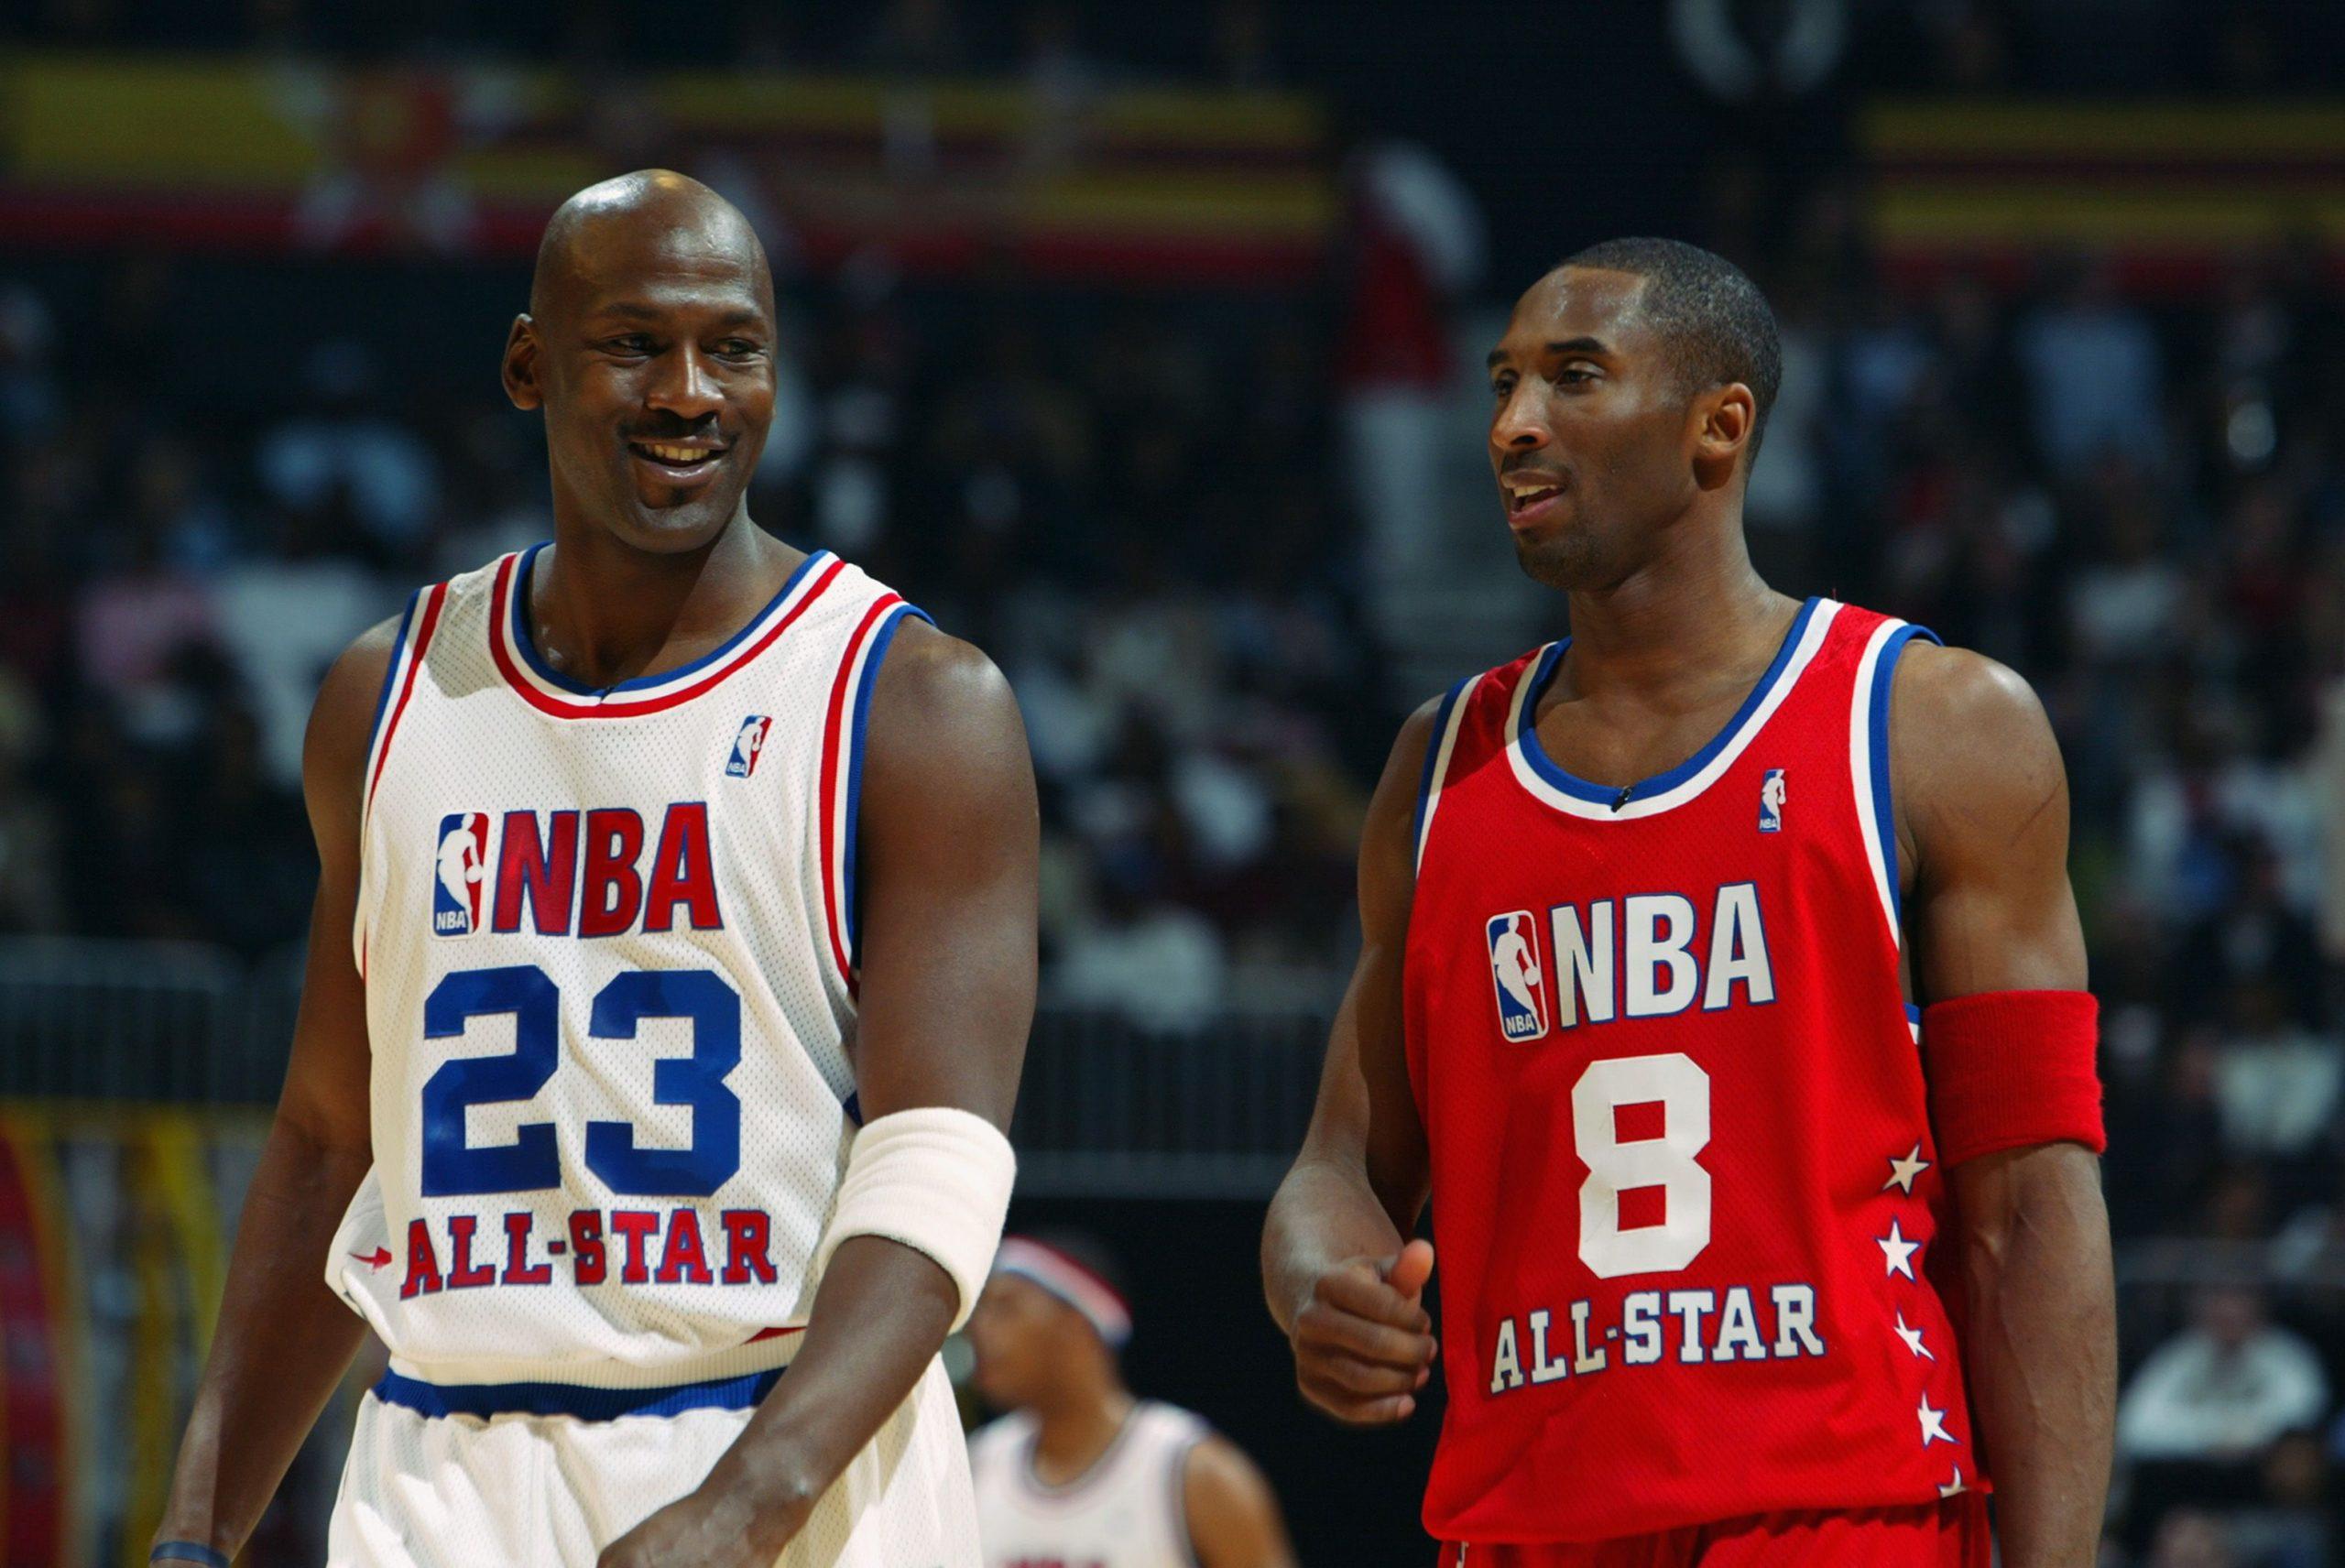 Sports Wallpaper Michael Jordan Wallpaper Basketball Smile Nba Legends Kobe Bryant Wallpaper For You The Best Wallpaper For Desktop Mobile